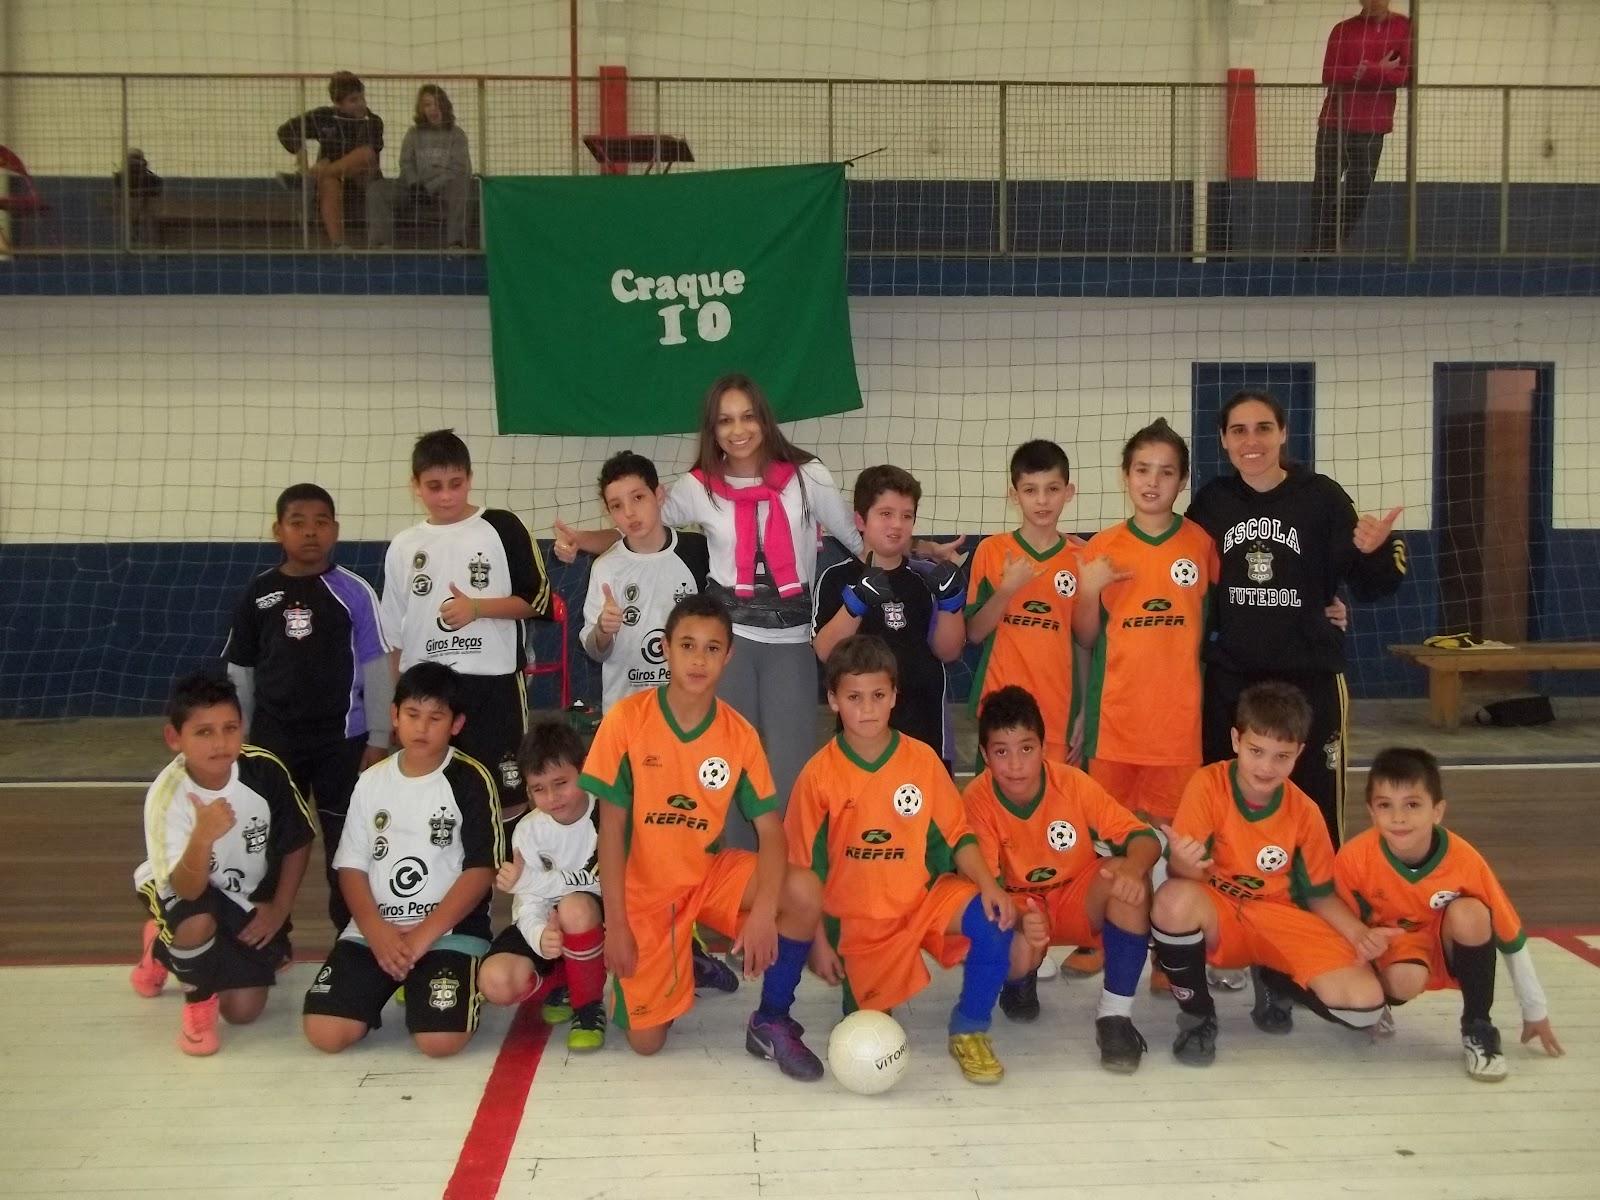 Escola de Futebol Craque 10  JOGOS ABERTOS DE PORTO ALEGRE 2012 68b1e36aae3c1